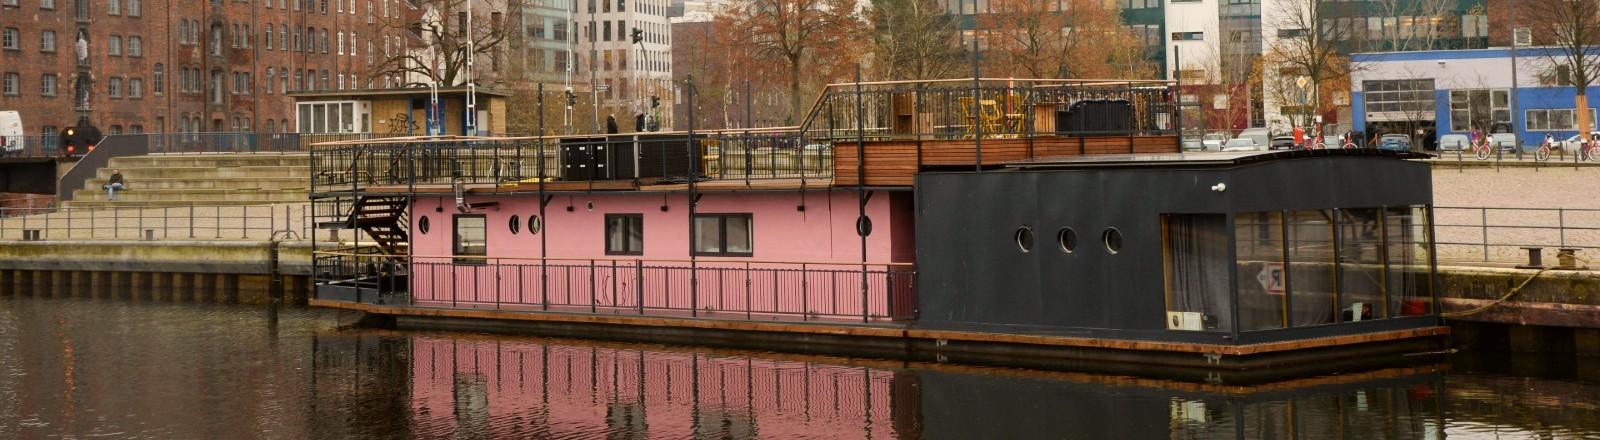 Das Hausboot von Olli Schulz und Fynn Kliemann.